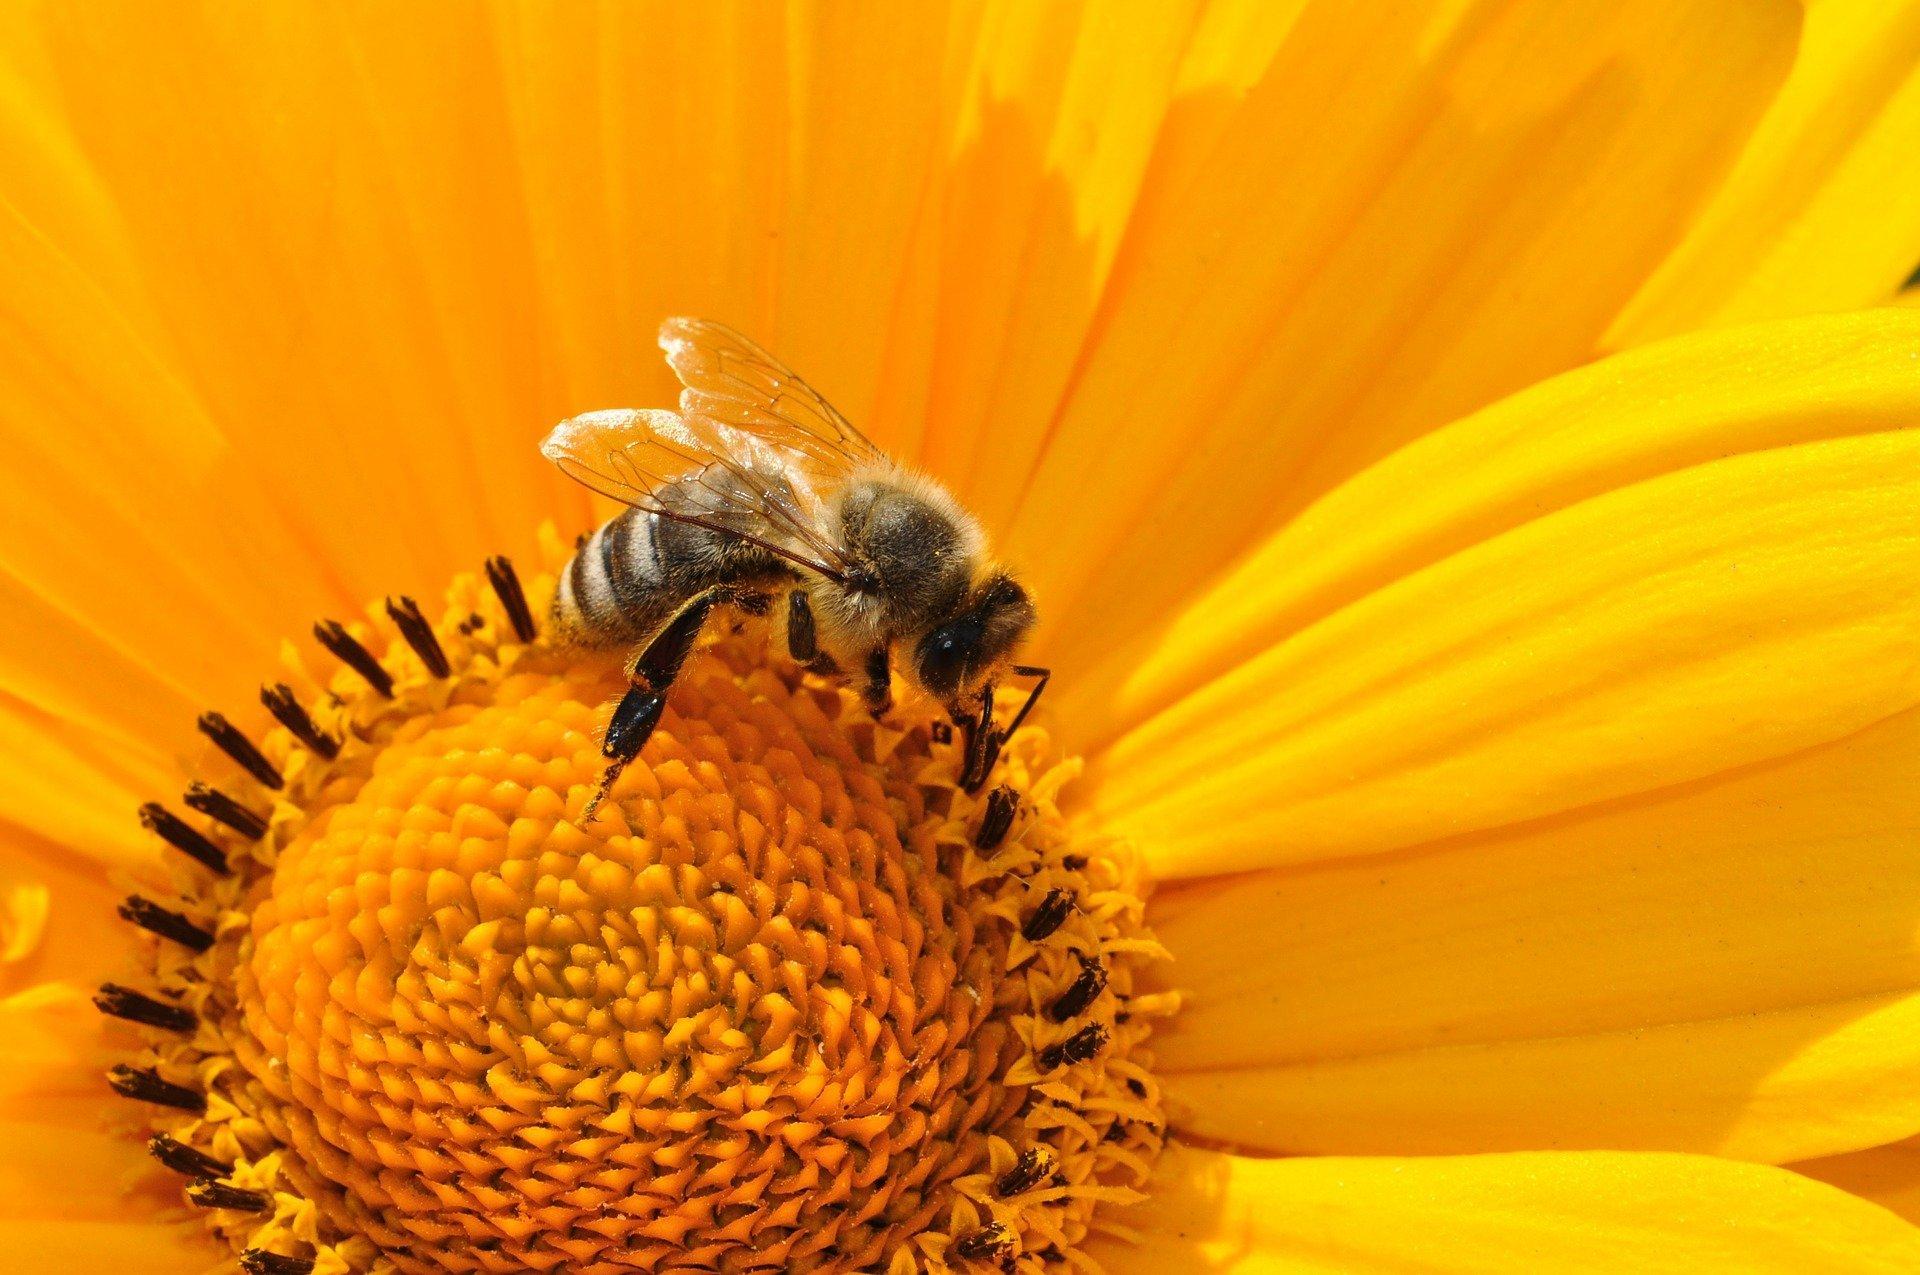 Moja mała Oj-czy-zna - Ratujmy pszczoły - atrakcje dla dzieci Trójmiasto 2018